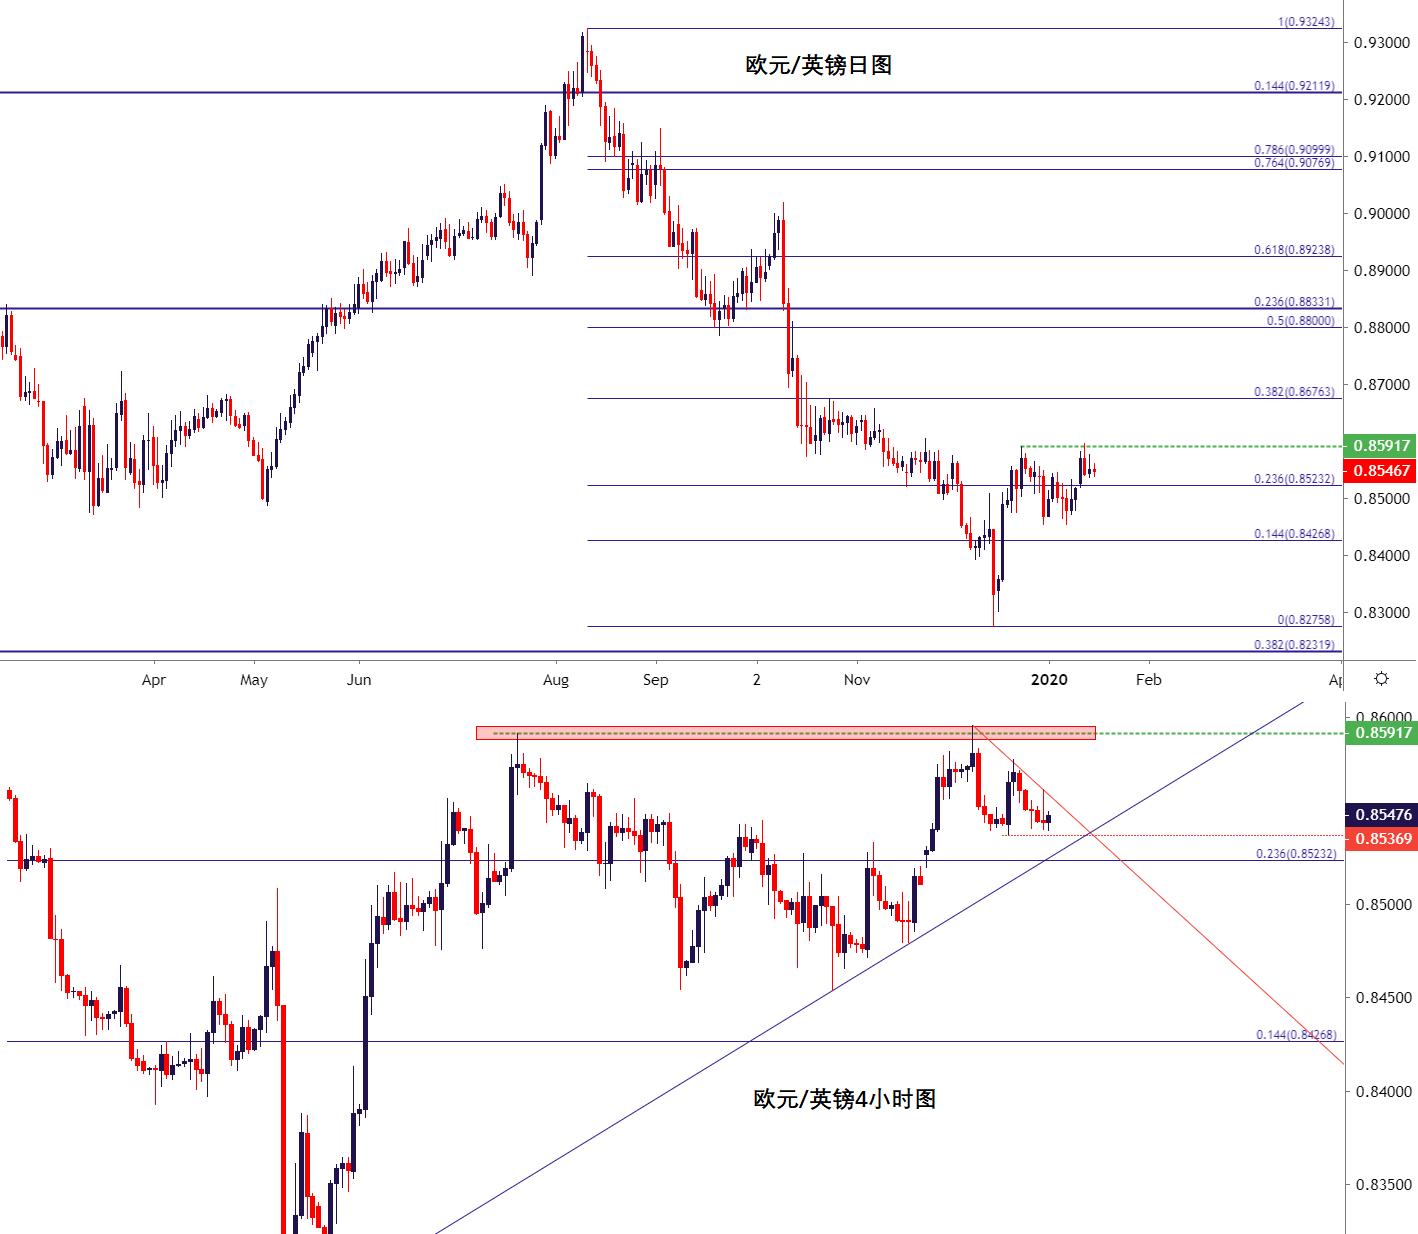 英镑走势分析:英镑/美元缺口填补、欧元/英镑警惕再次跌破缺口、英镑/日元谨慎追高